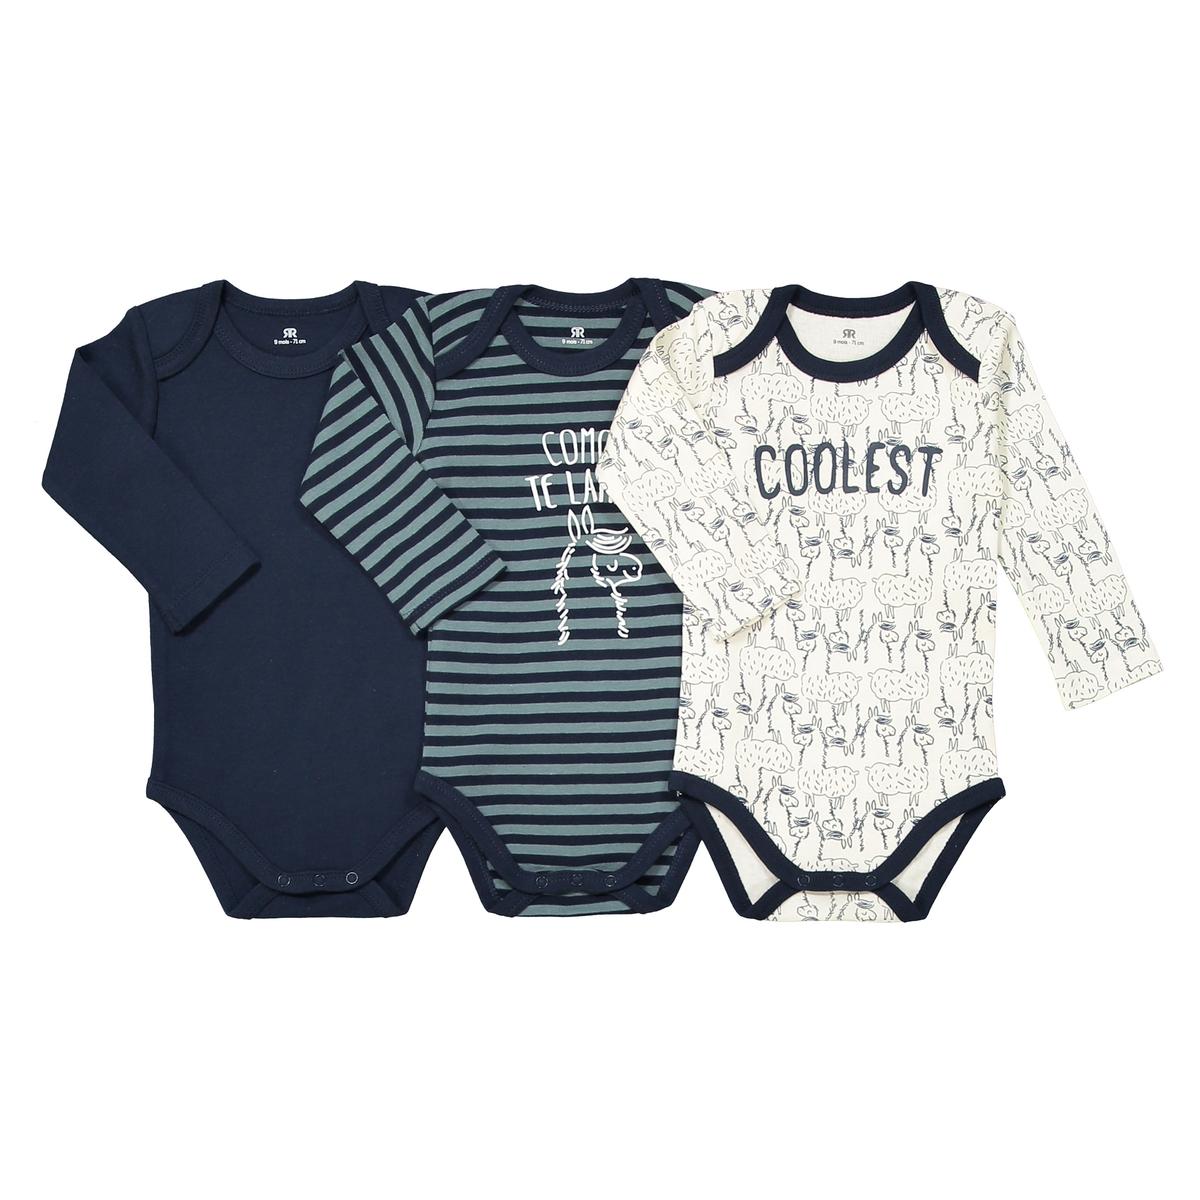 Lote de 3 bodies, em algodão, 0 mês - 3 anos